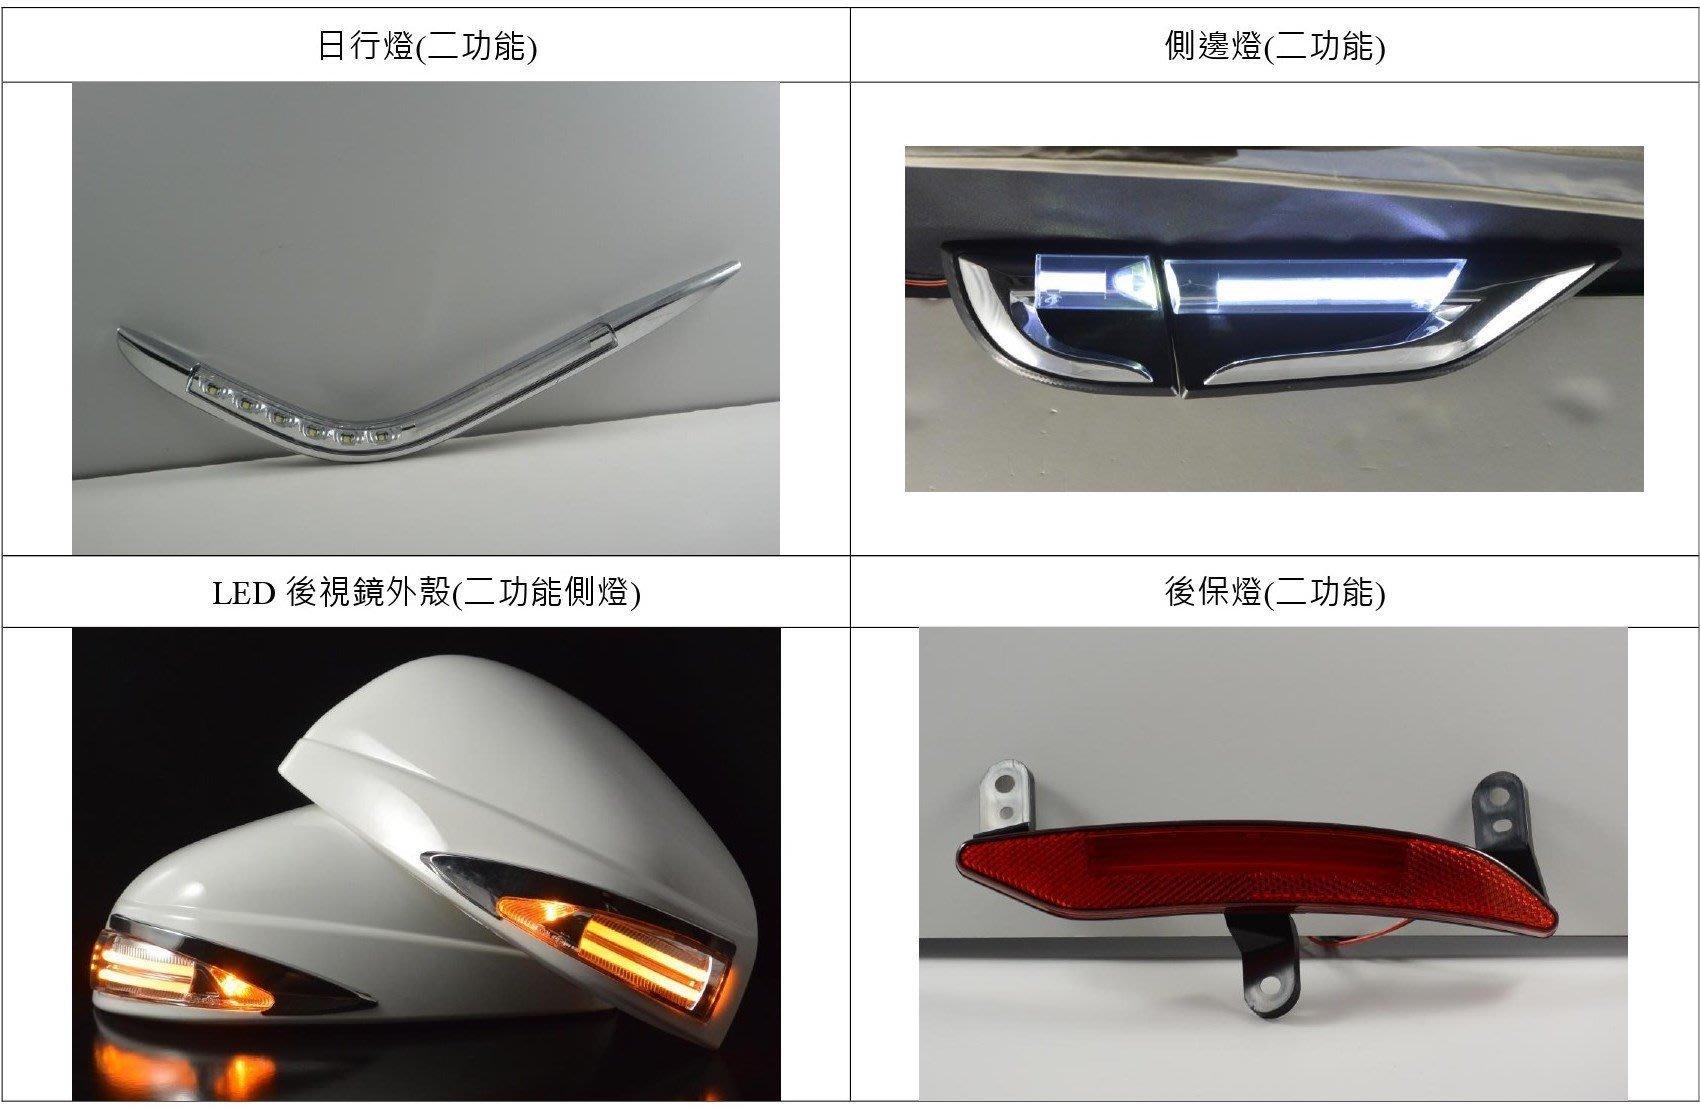 金強車業 納智捷 U6 2014 套組 側邊燈 後保桿燈 日行燈 LED後視鏡外殼 工廠直送價